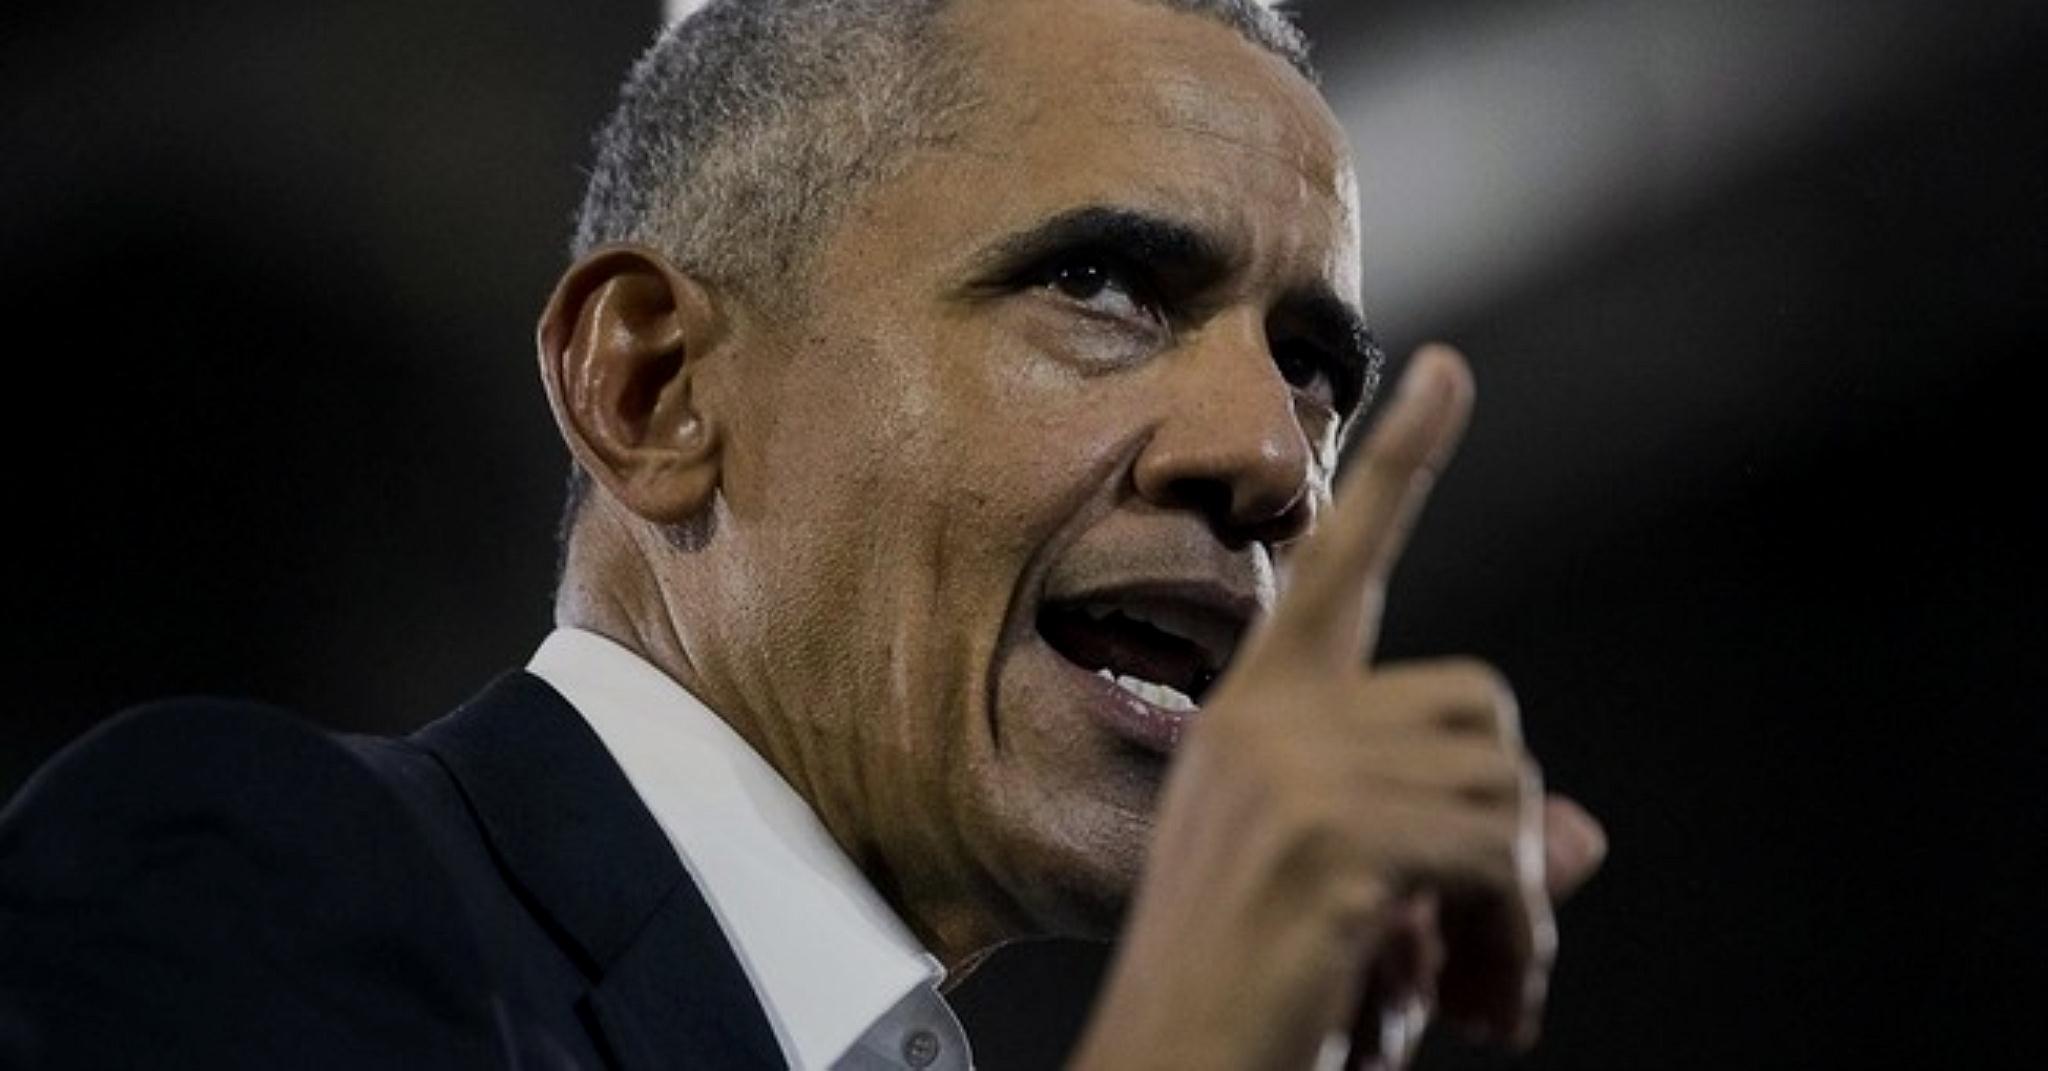 Obama evil now 2lg pr